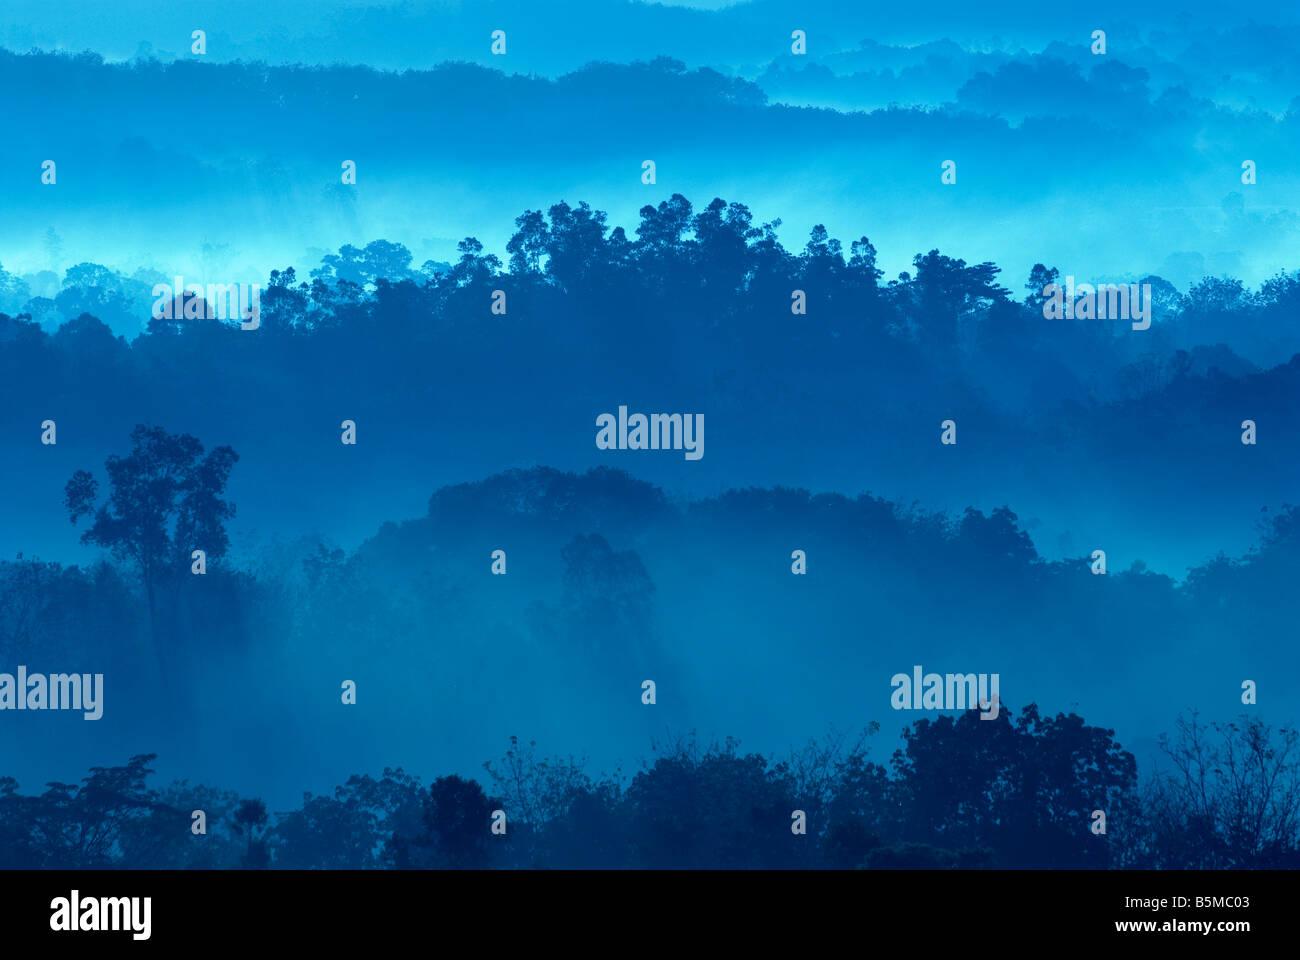 Foschia mattutina della zona collinare con raggio di luce Immagini Stock